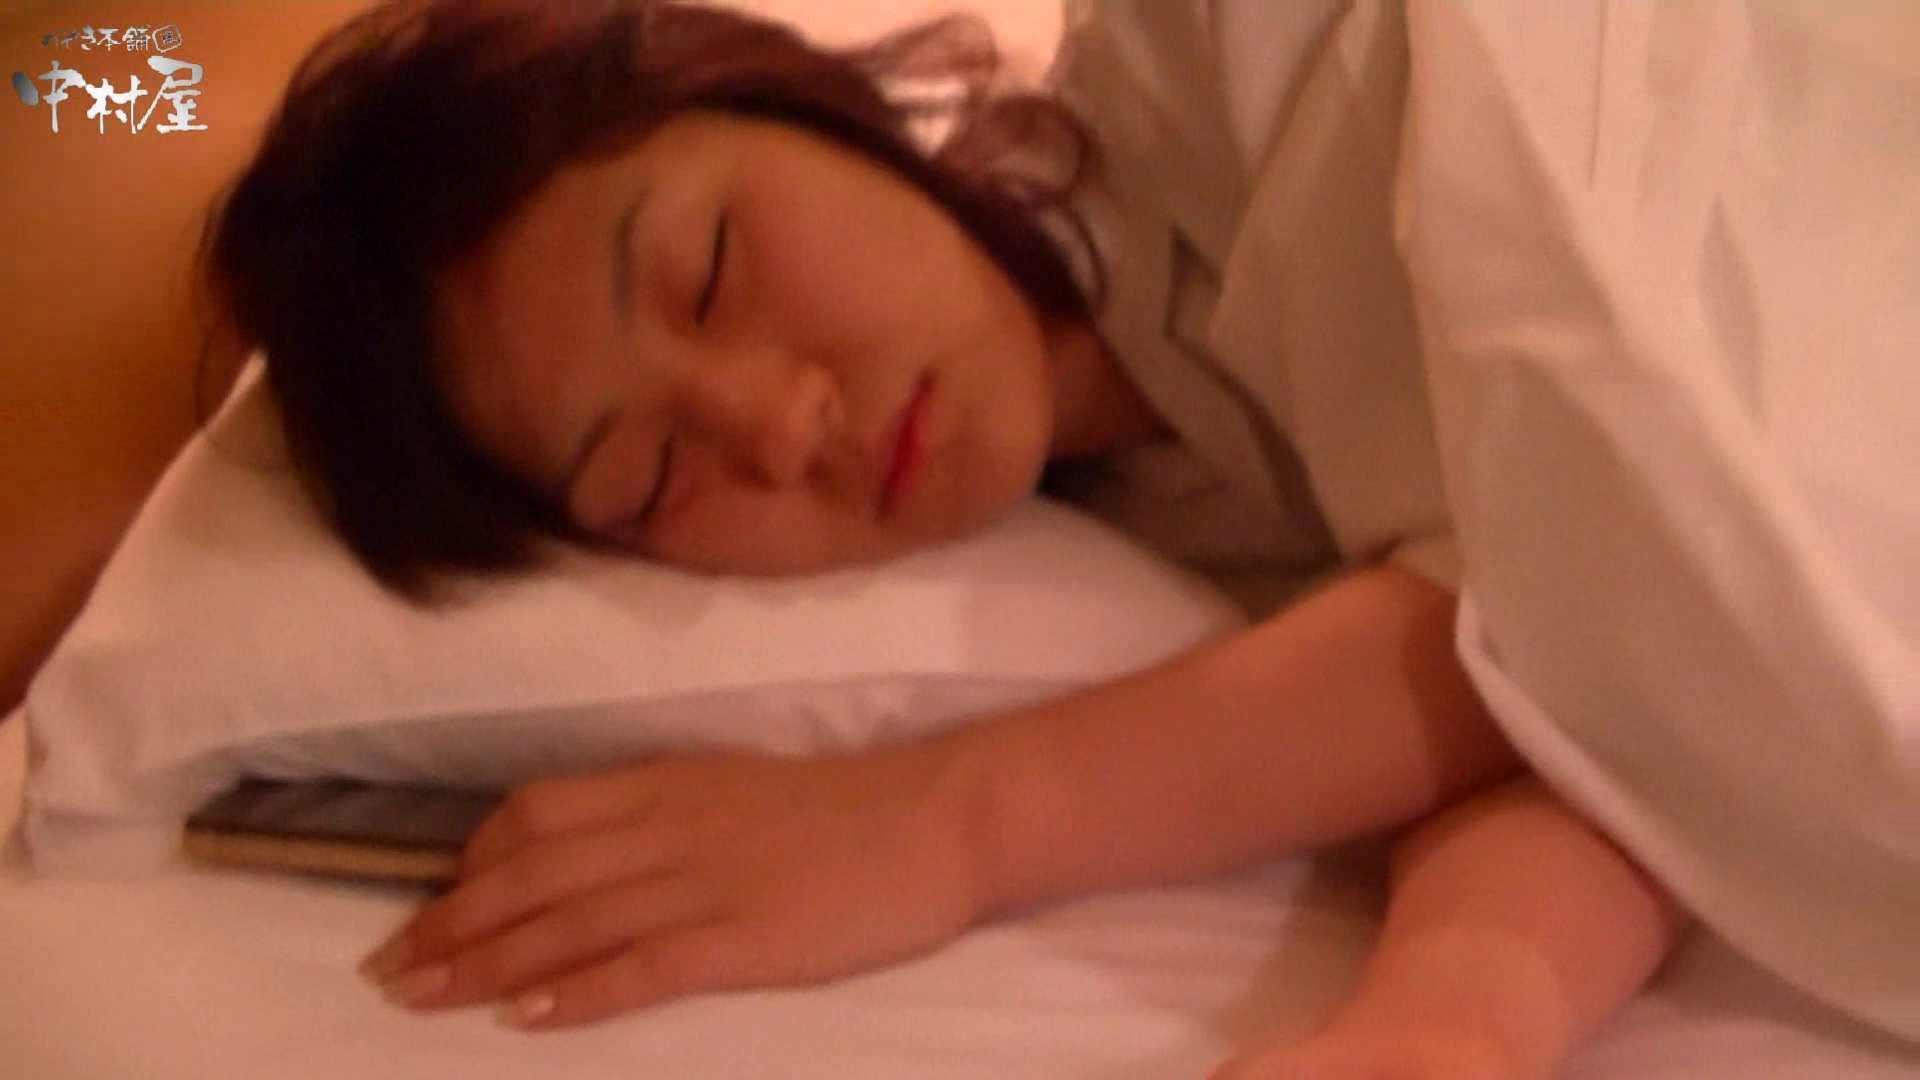 ネムリ姫 vol.43 マンコエロすぎ 盗撮画像 87PIX 2